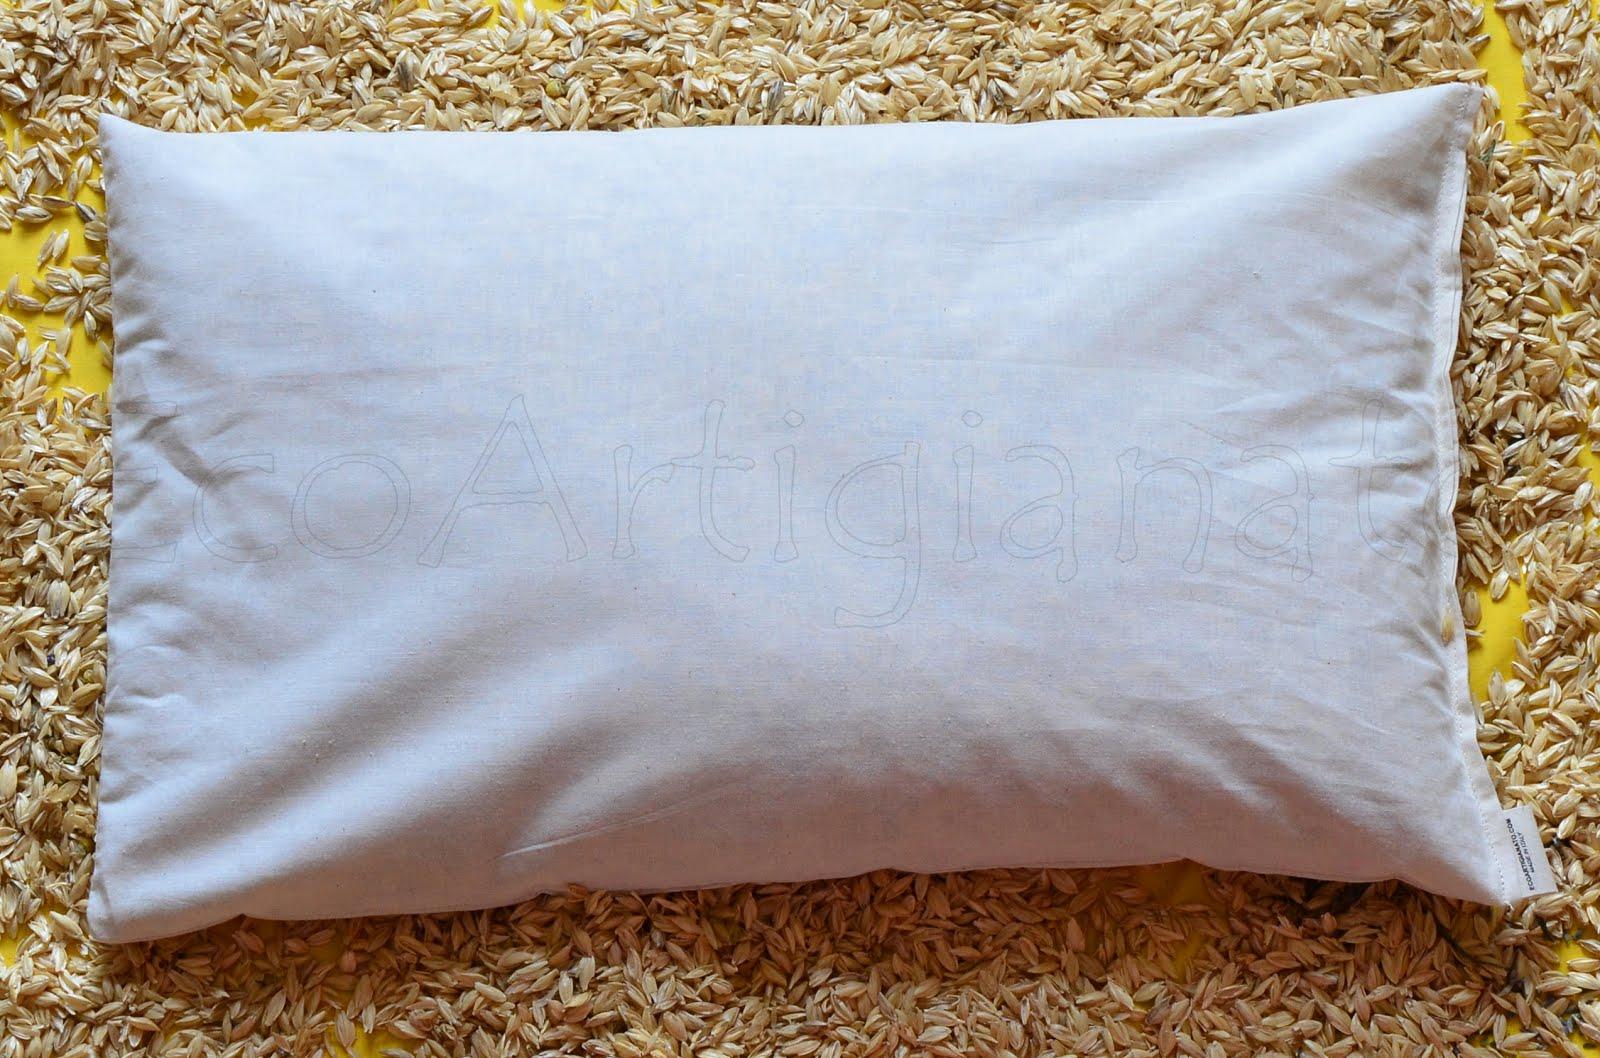 Misure cuscino carrozzina casamia idea di immagine for Misure cuscino carrozzina